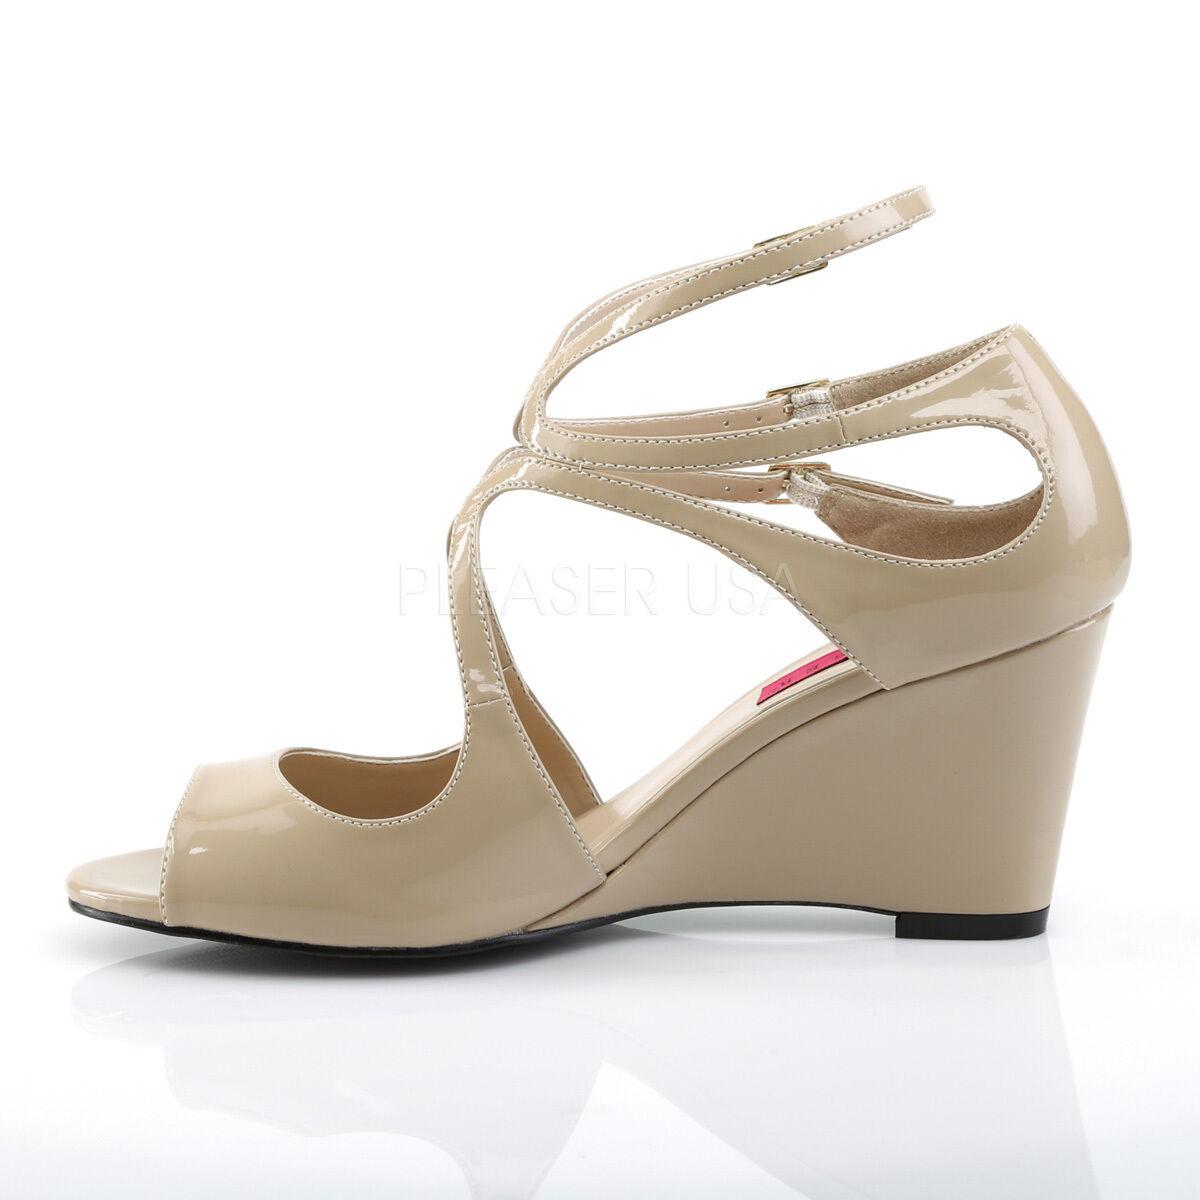 PLEASER PLEASER PLEASER Sexy 3  High Wedge Heel Strappy Cream Patent Sandals schuhe KIM04 CR 940fae